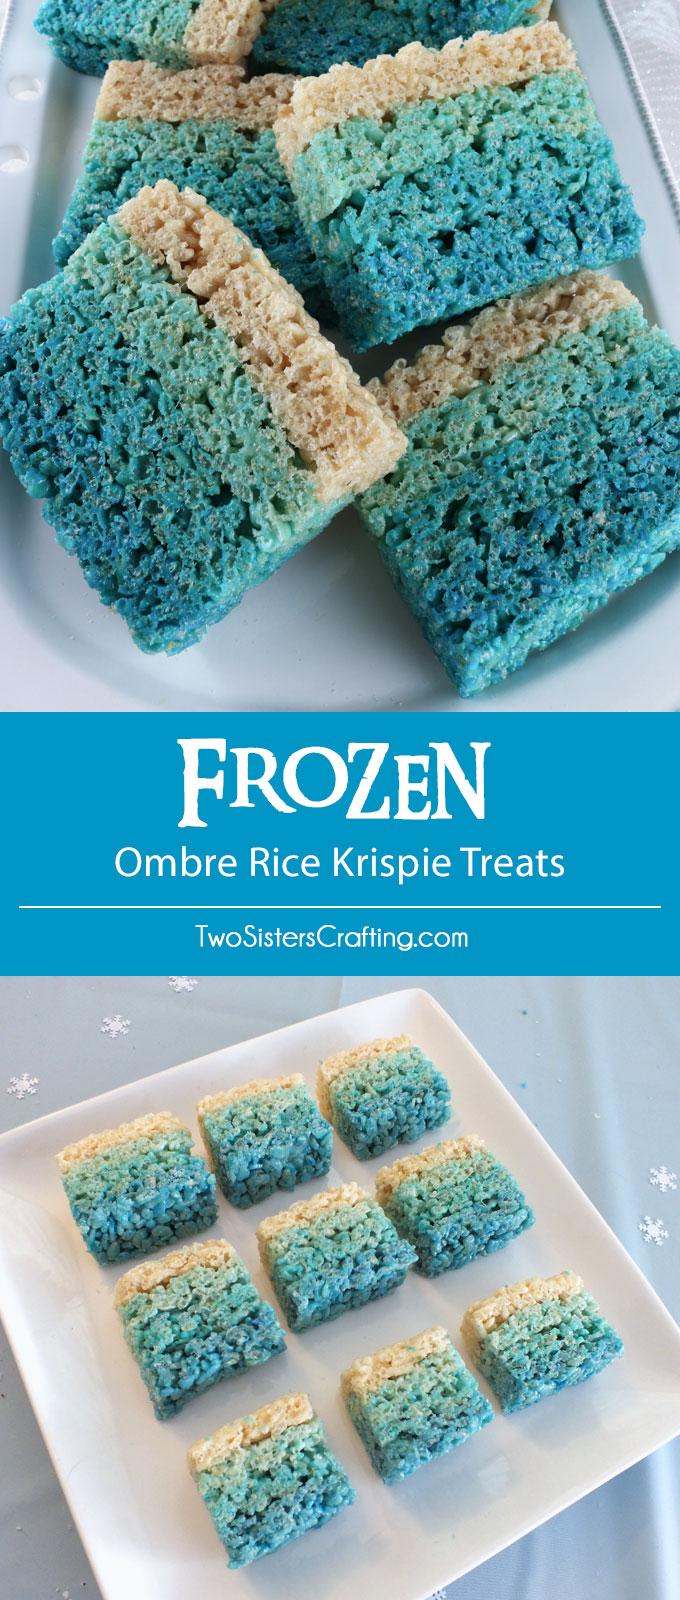 Disney Frozen Ombre Rice Krispie Treats - Two Sisters